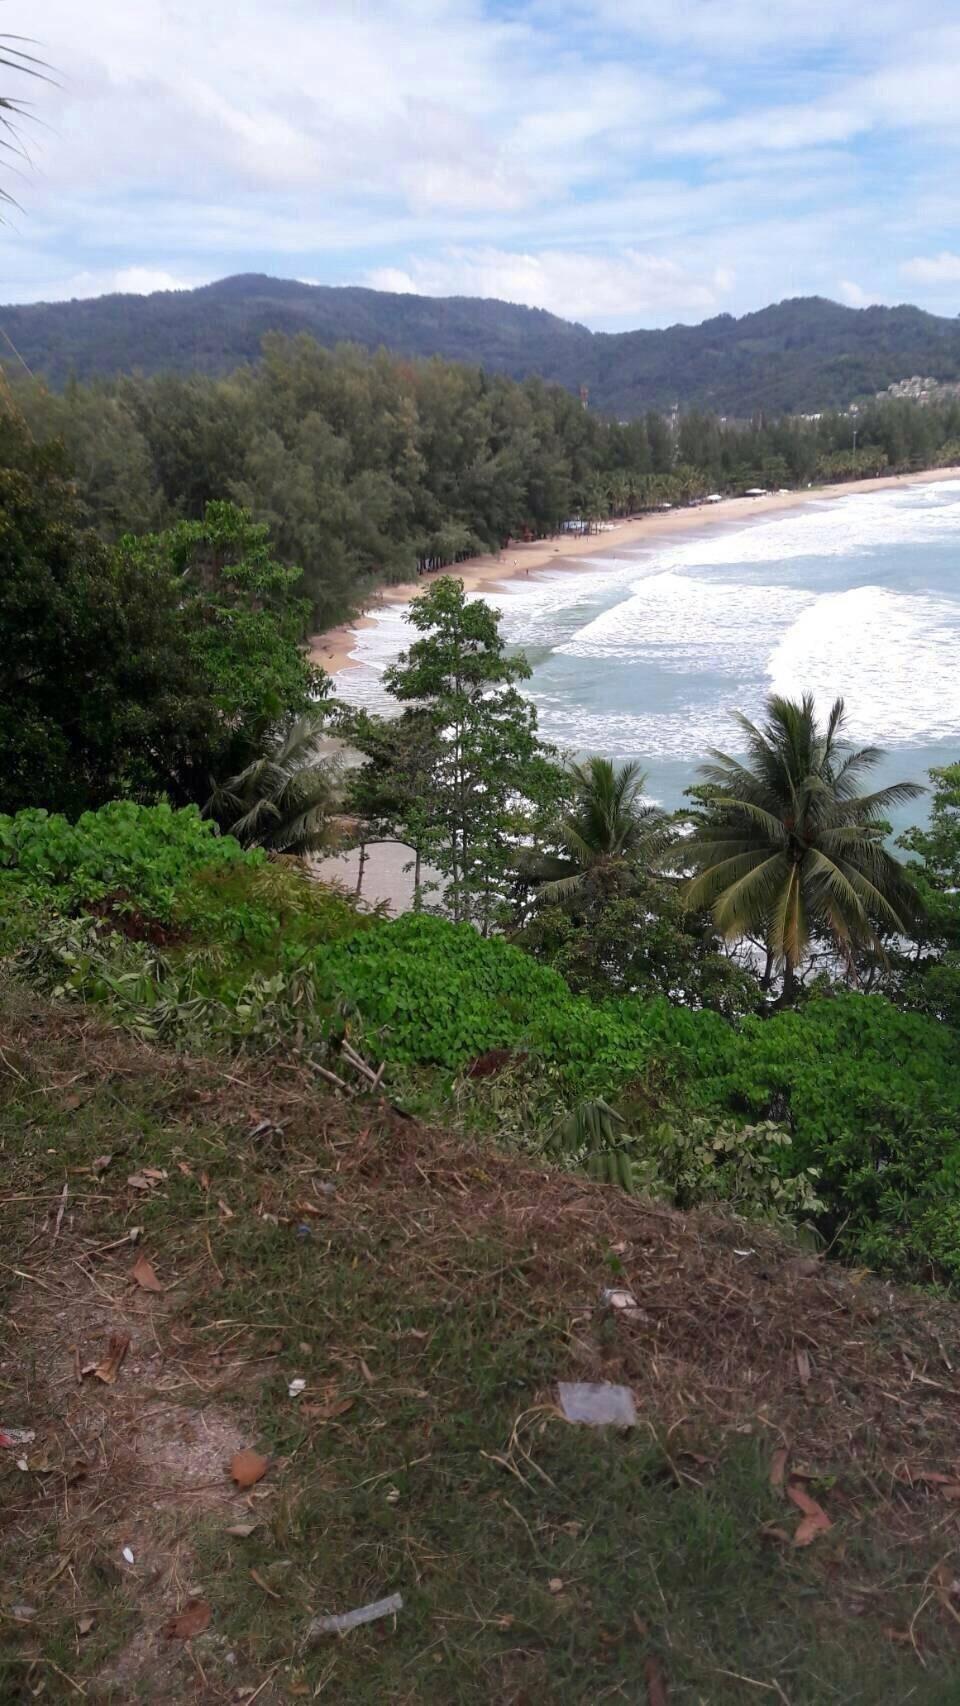 ที่ดินแปลงสวย หน้าติดถนน หลังติดหาด